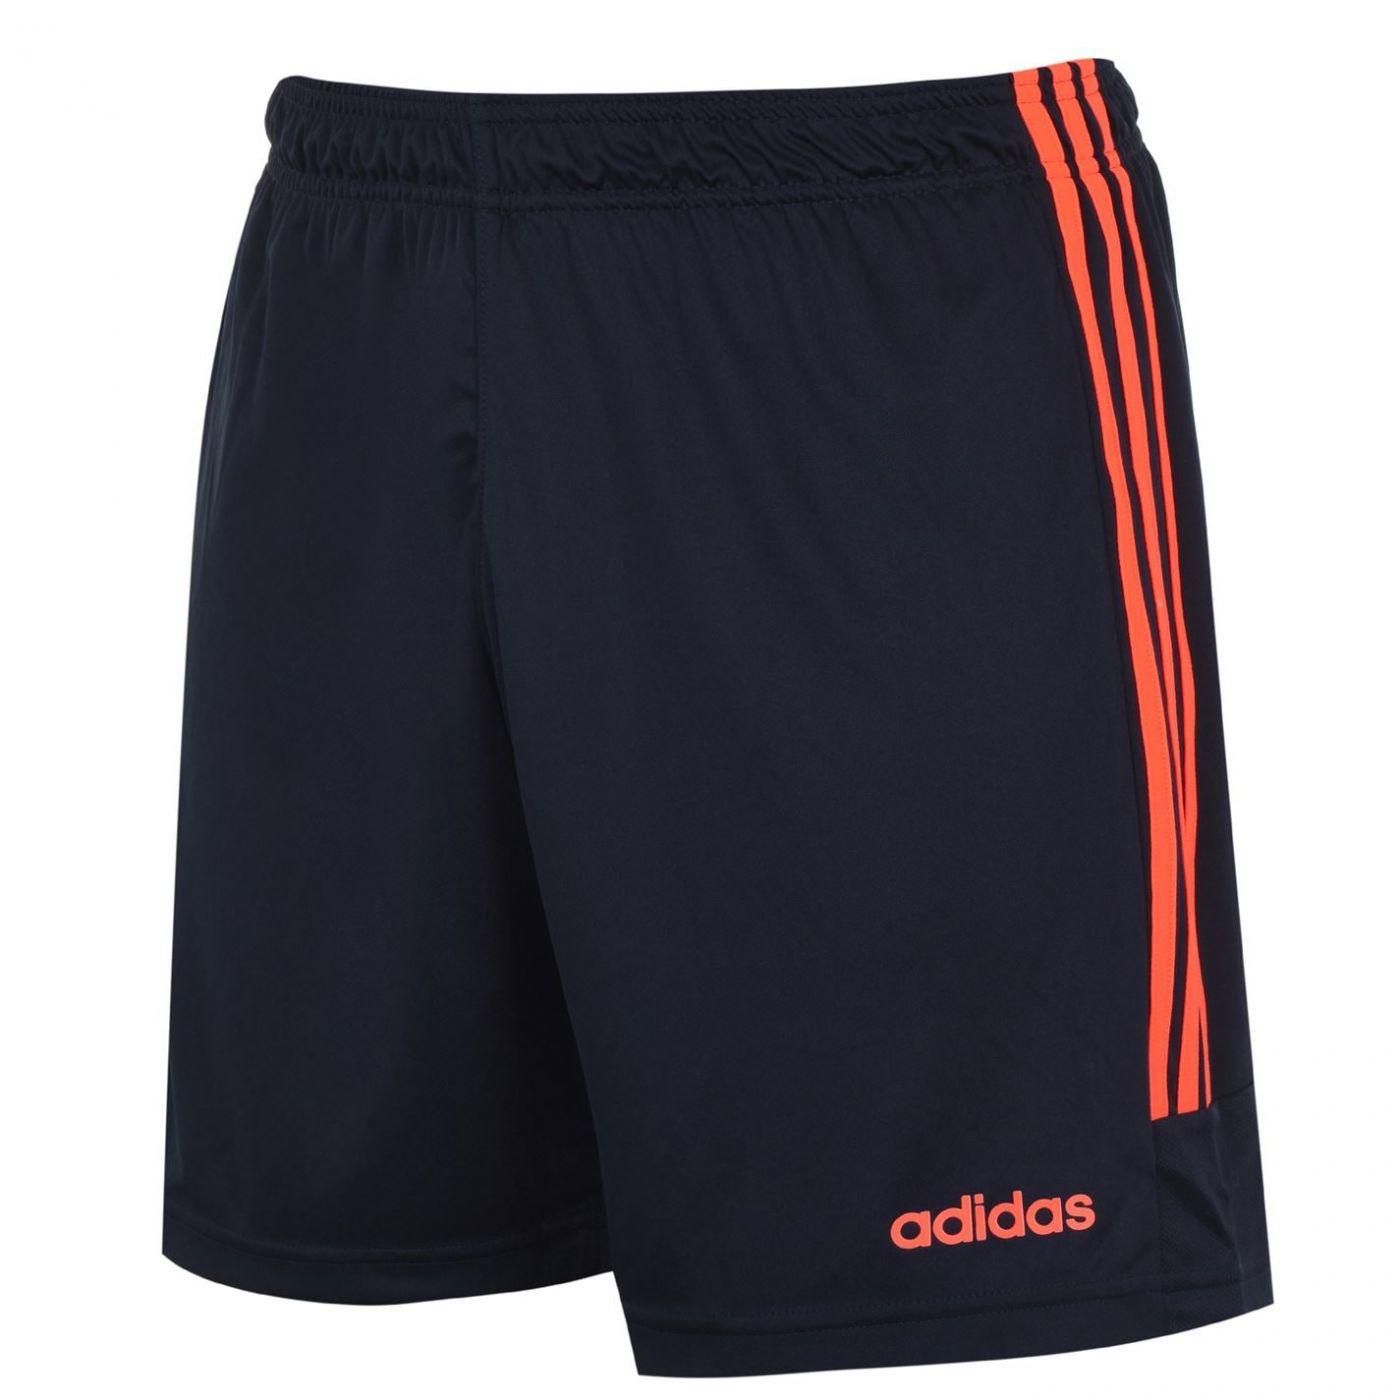 Adidas Sereno 14 Short Mens